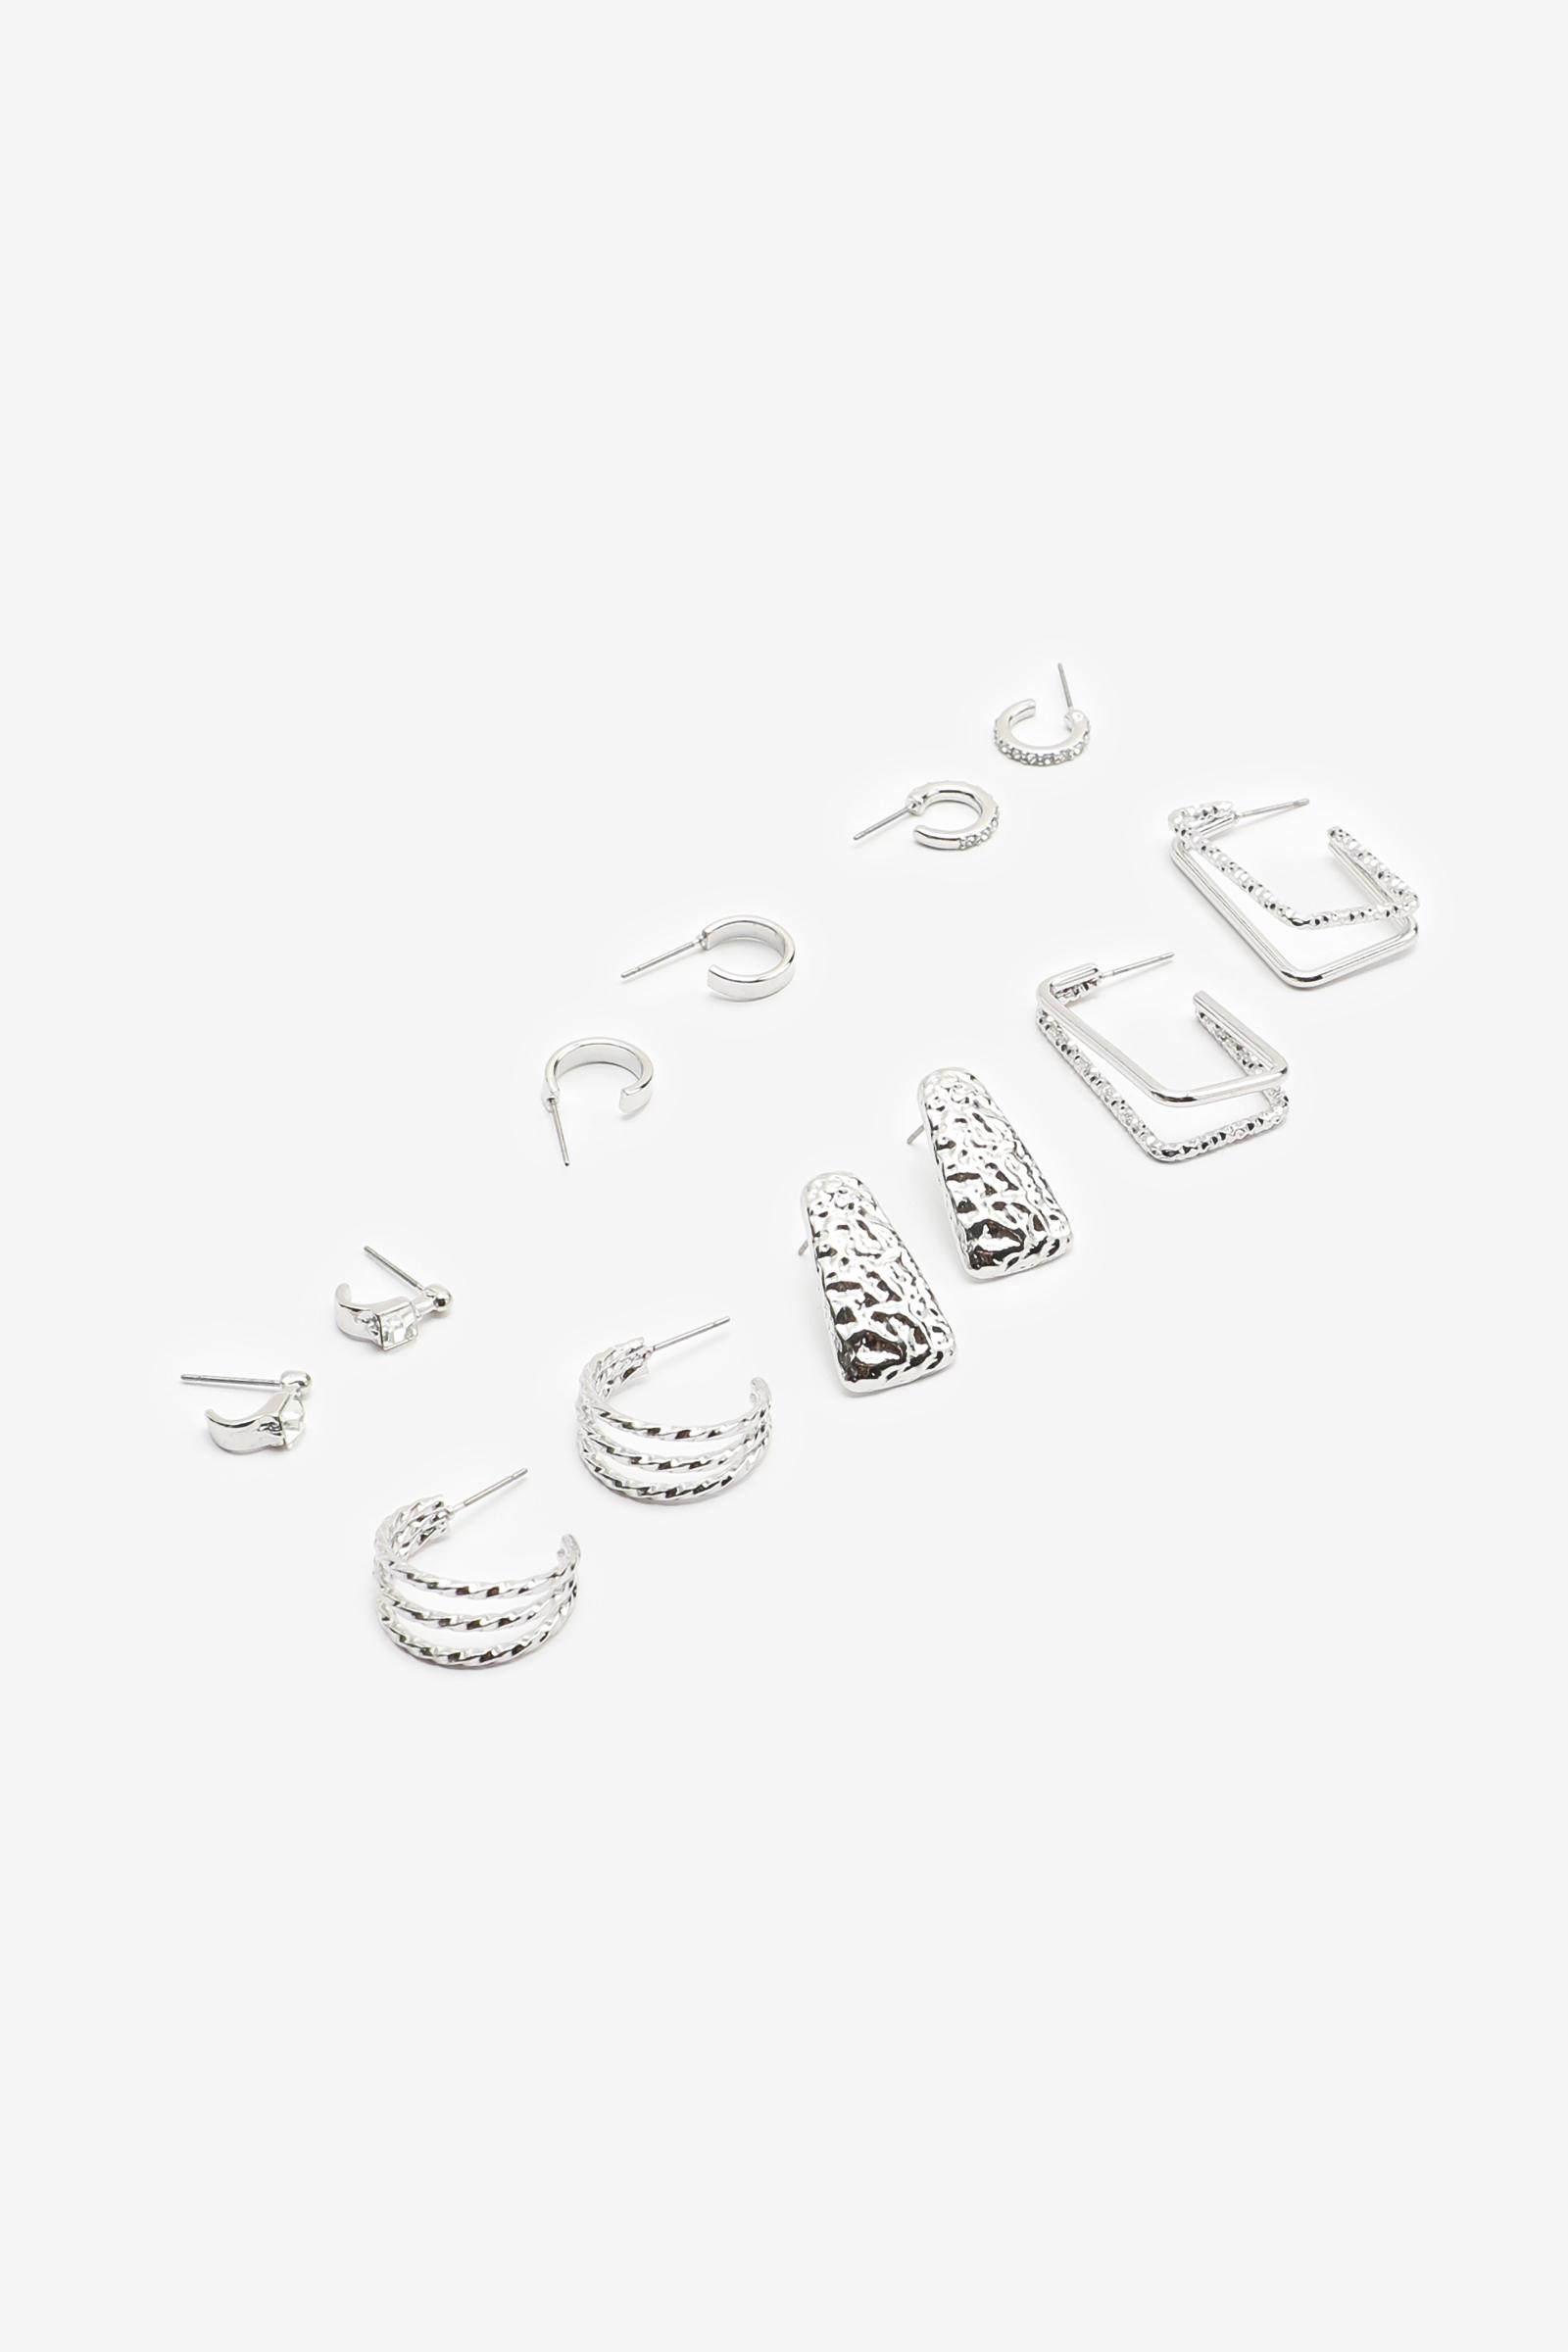 6-Pairs of Assorted Hoop Earrings